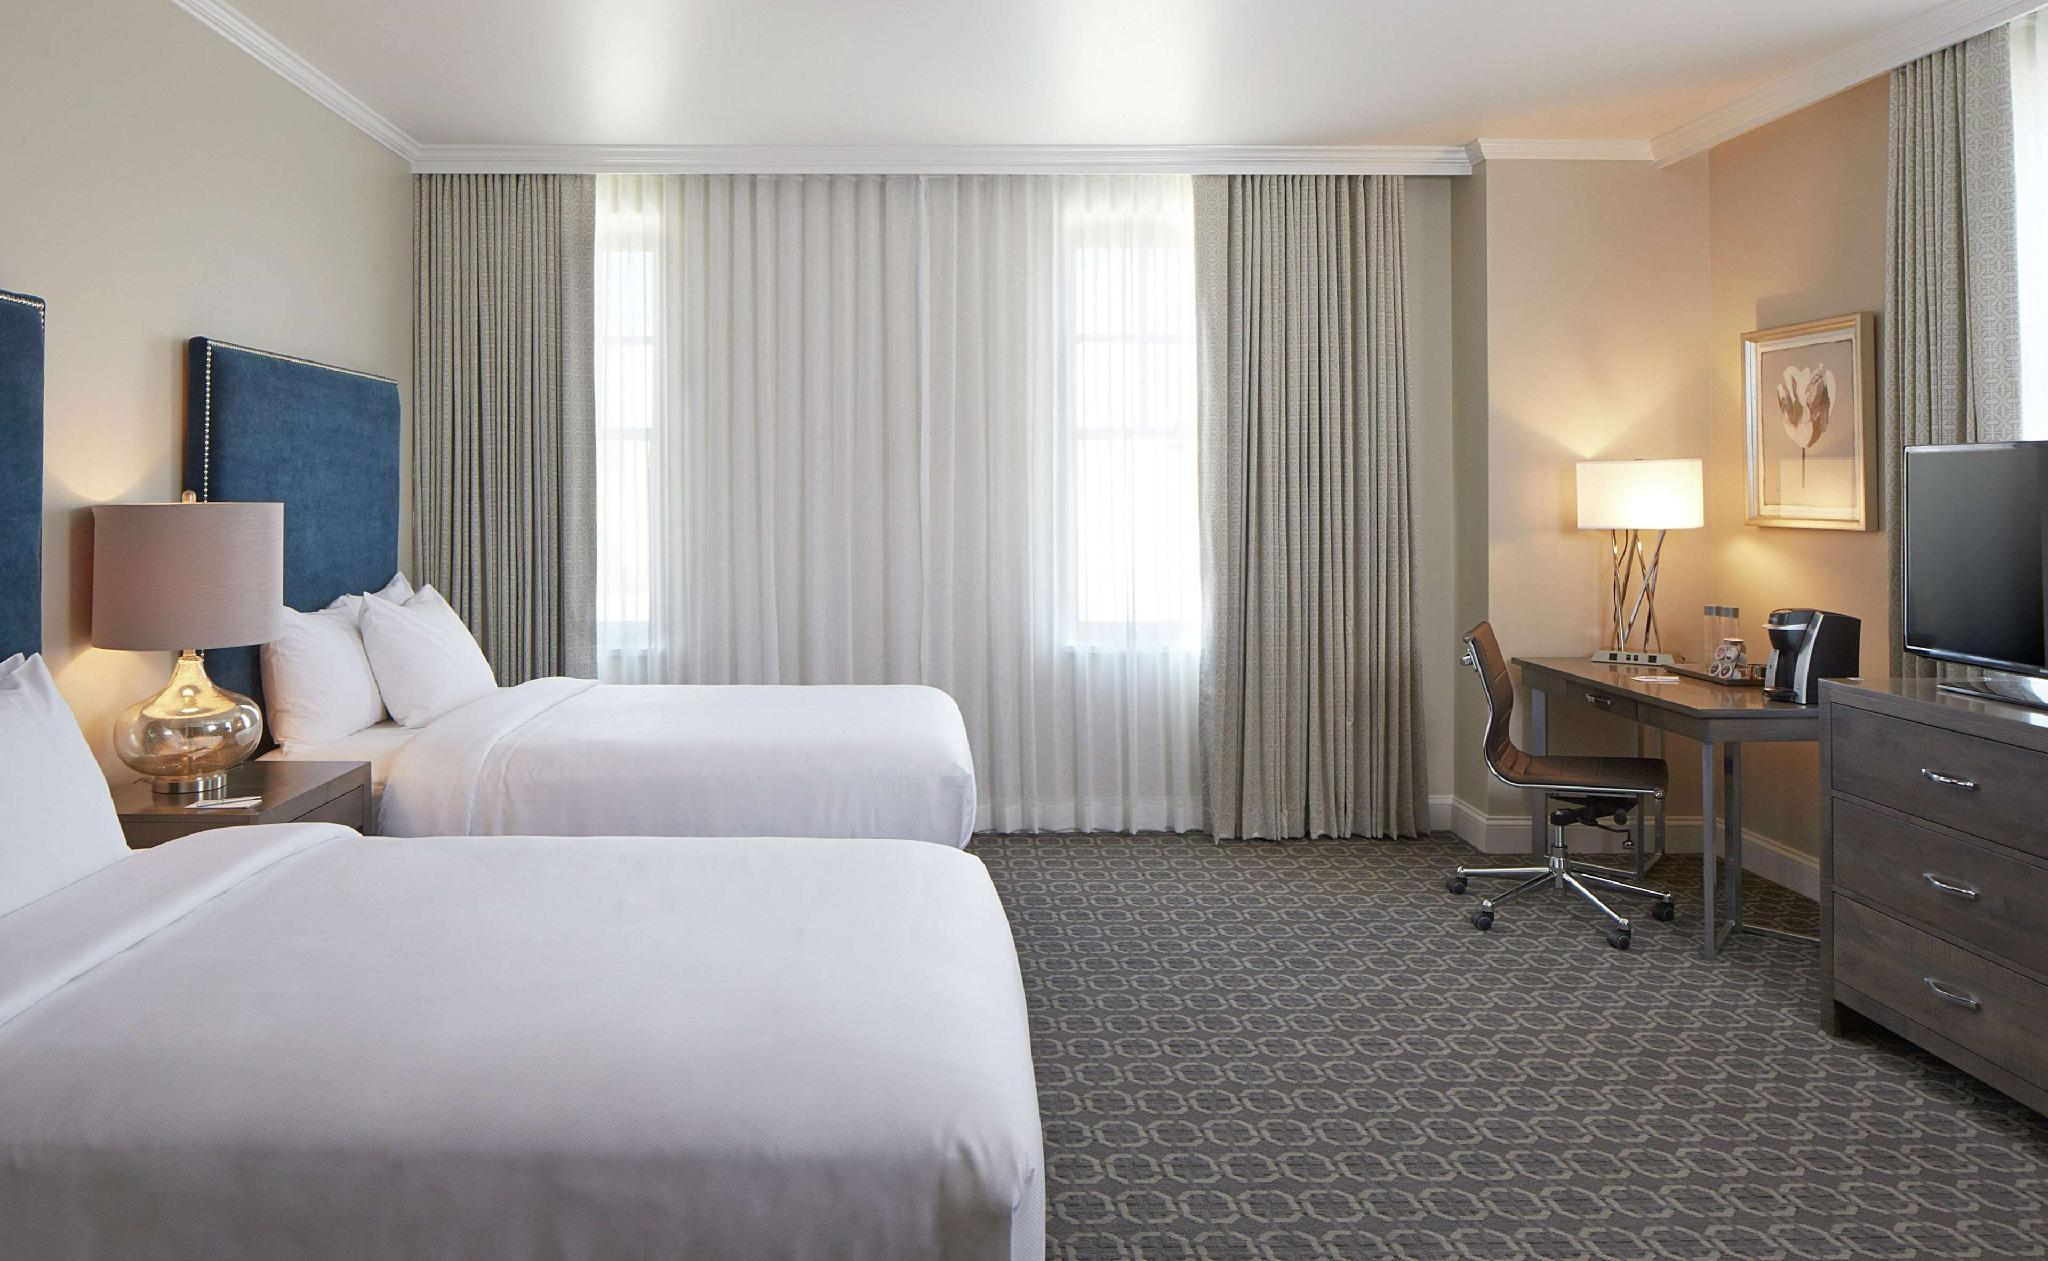 2 Double Beds Corner Room